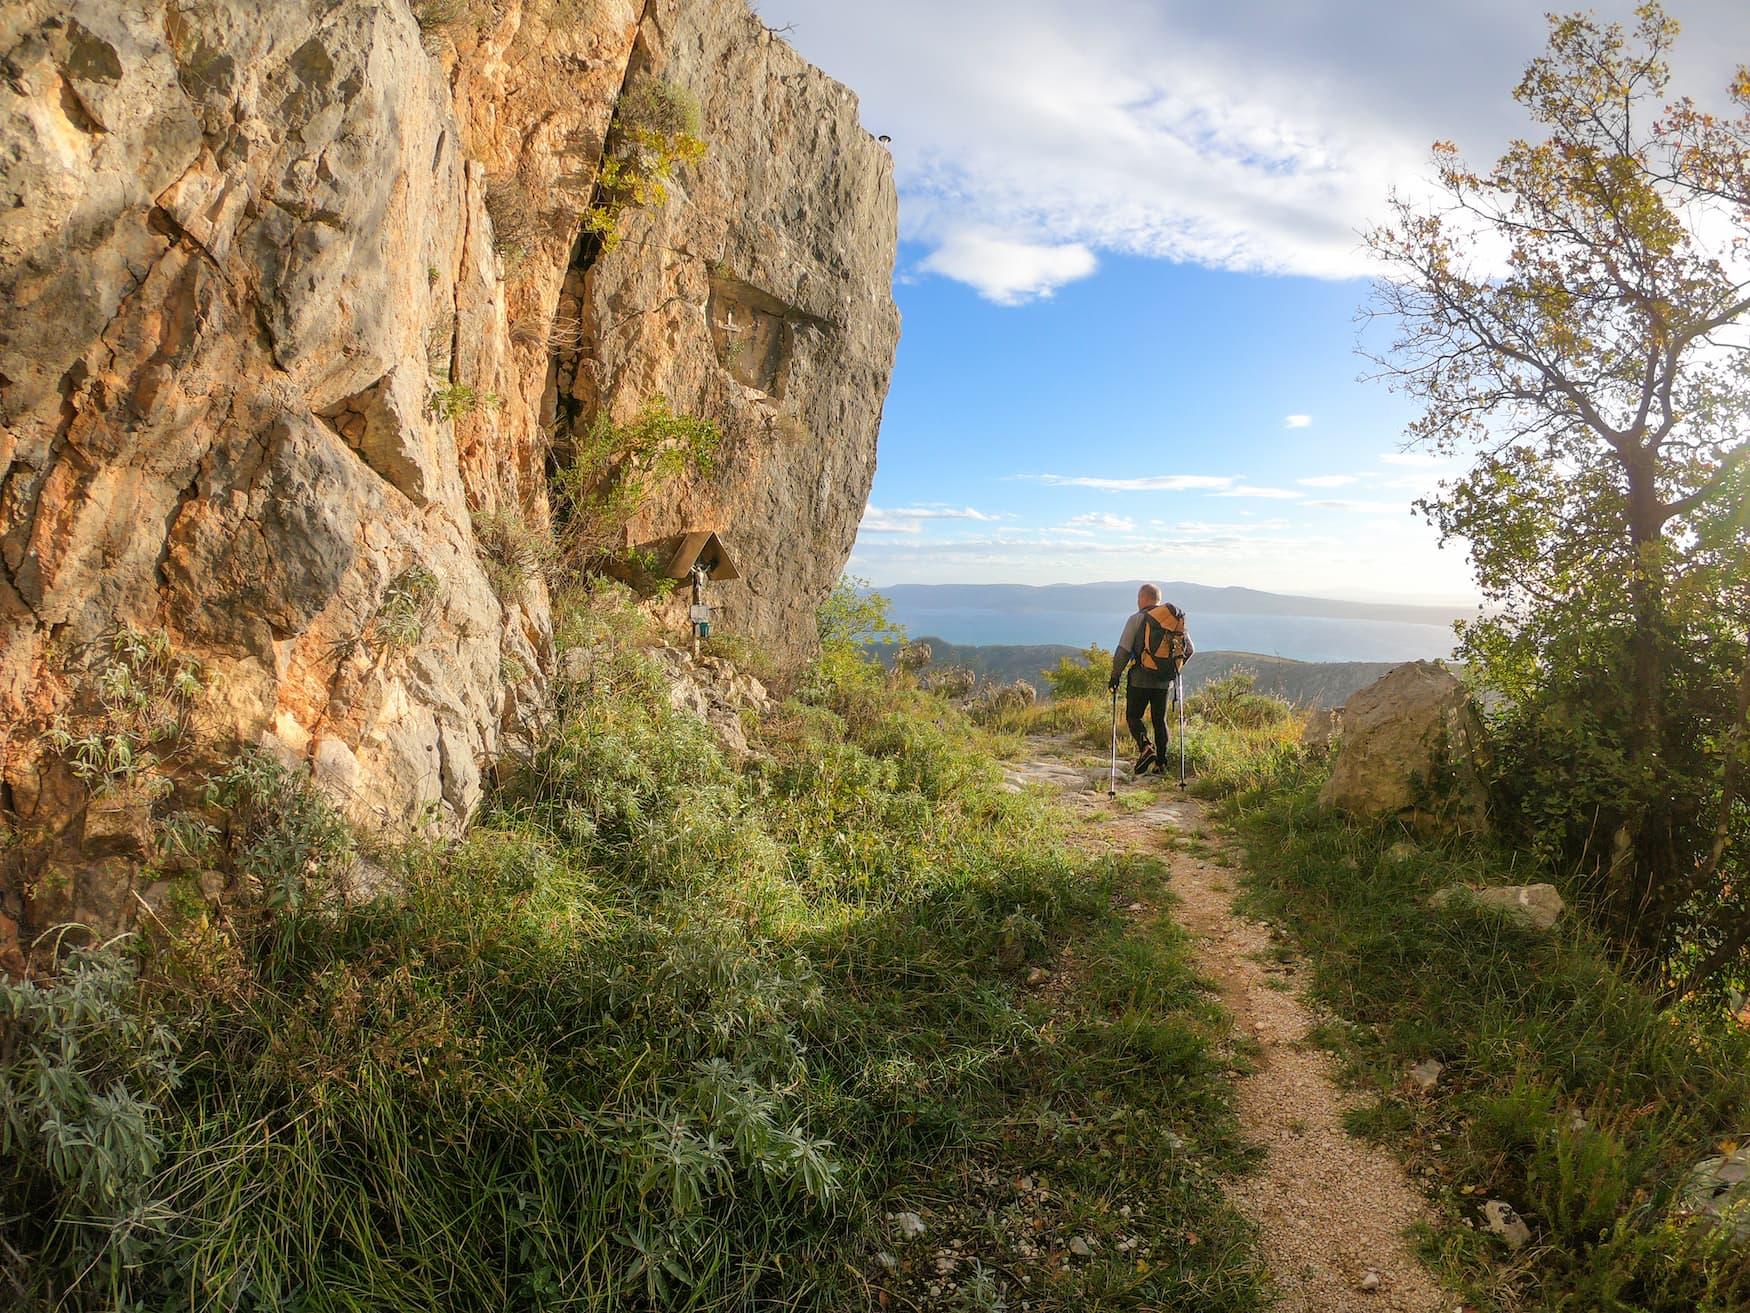 Mann wandert durch den Nationalpark Nördlicher Verleibt in Kroatien